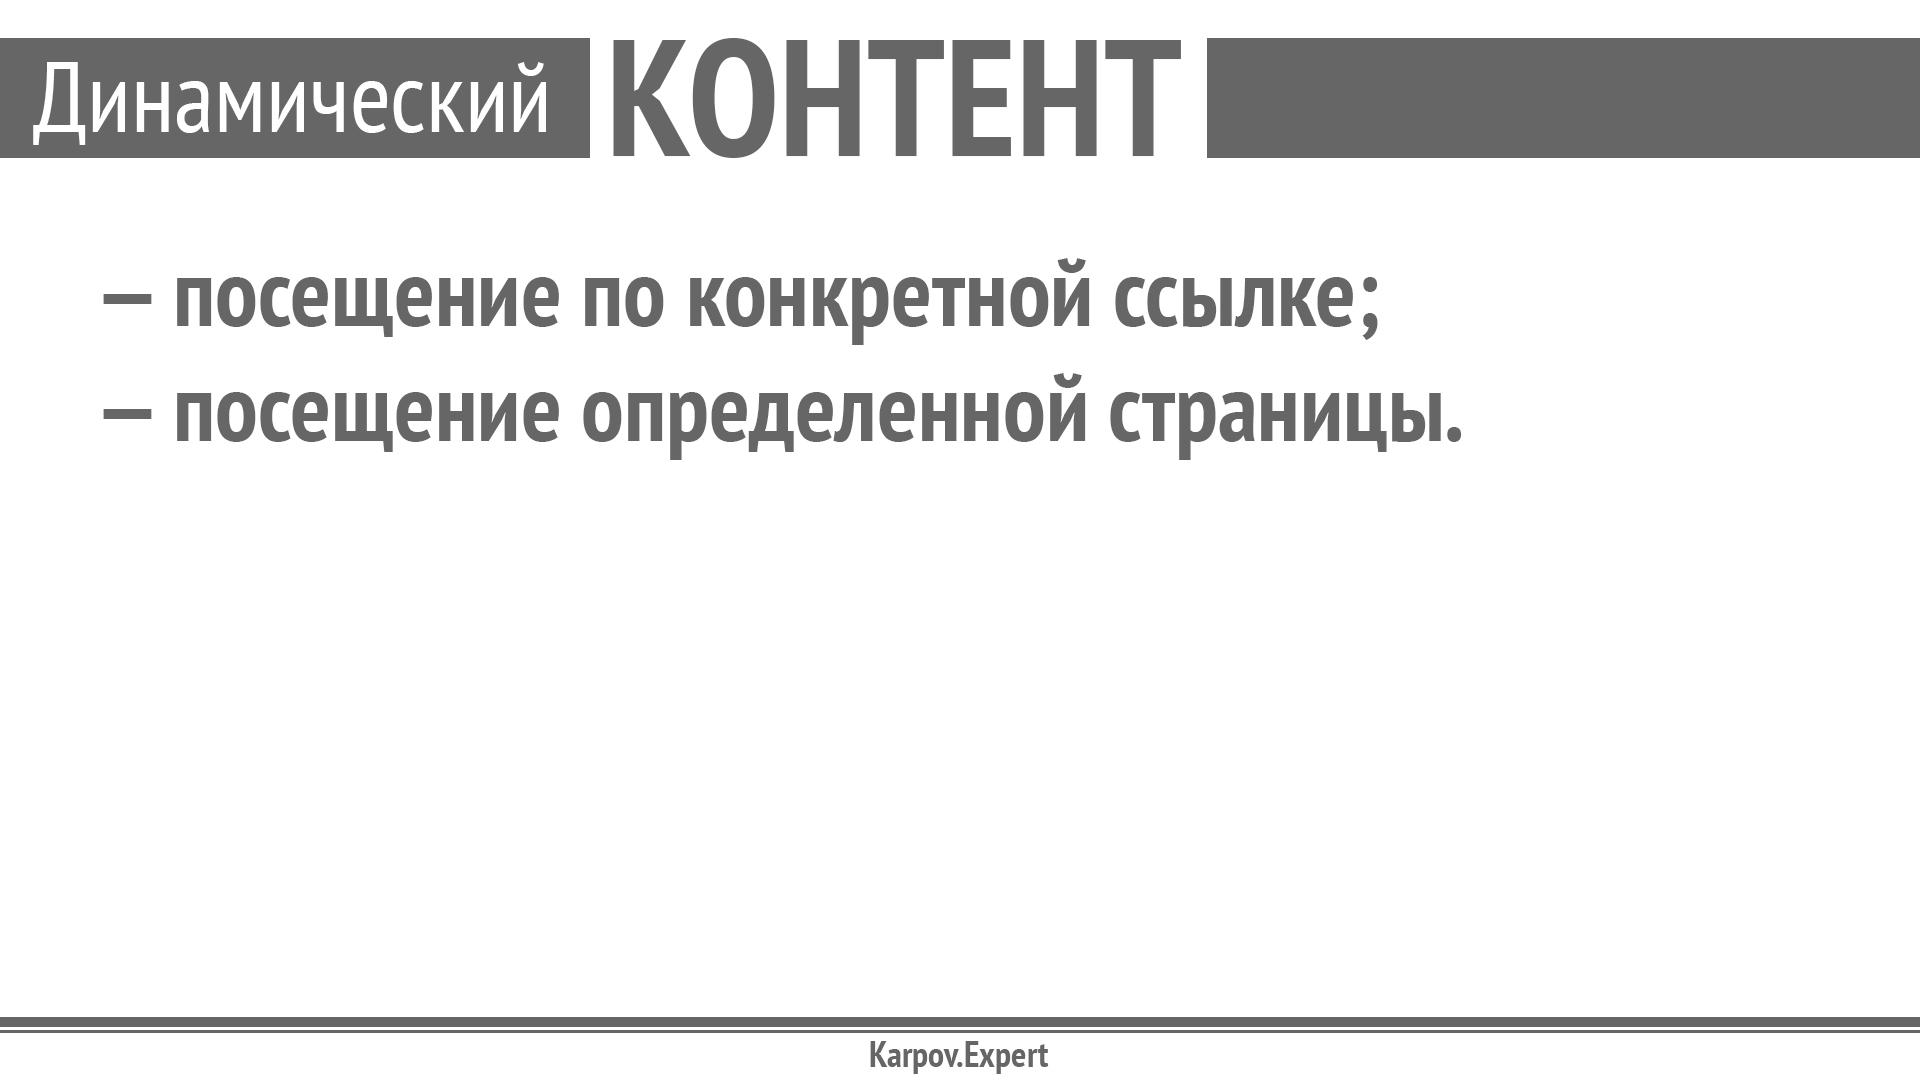 Karpov-WordCamp2019_Page_38